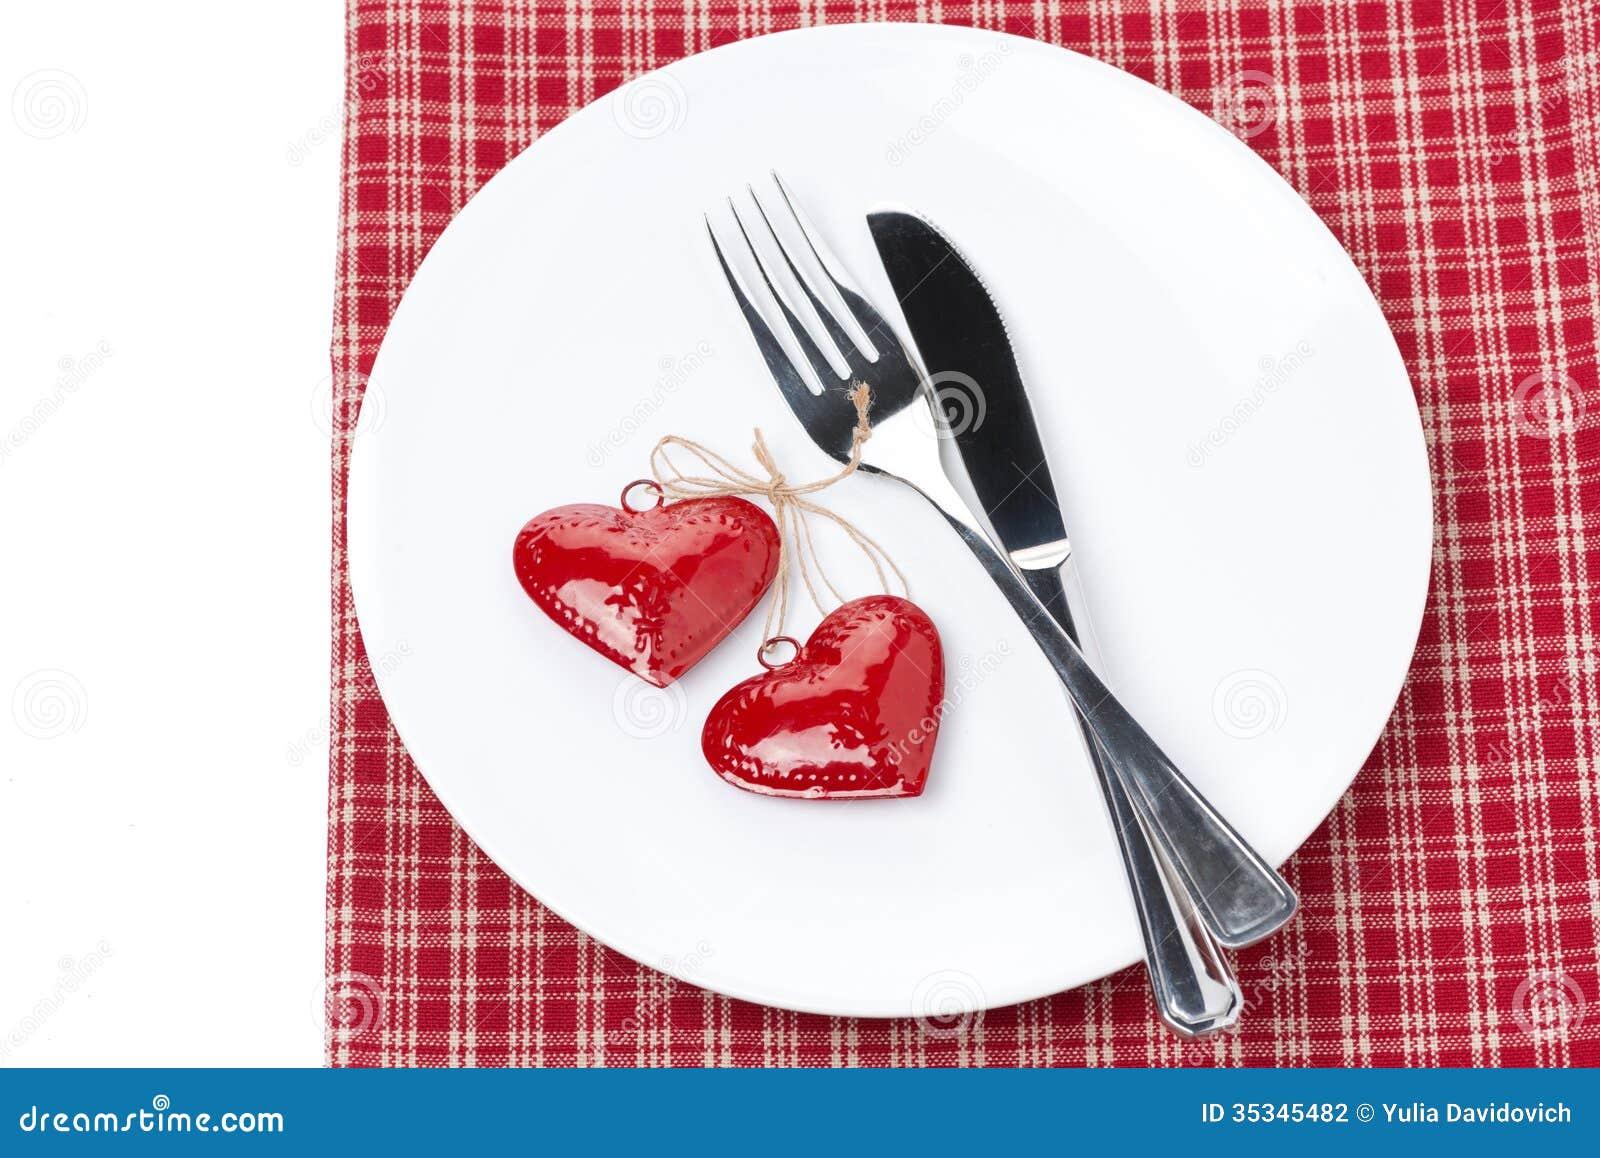 Ajournez l 39 arrangement pour la saint valentin avec la fourchette le couteau et le coeur photo - Coeur pour la saint valentin ...